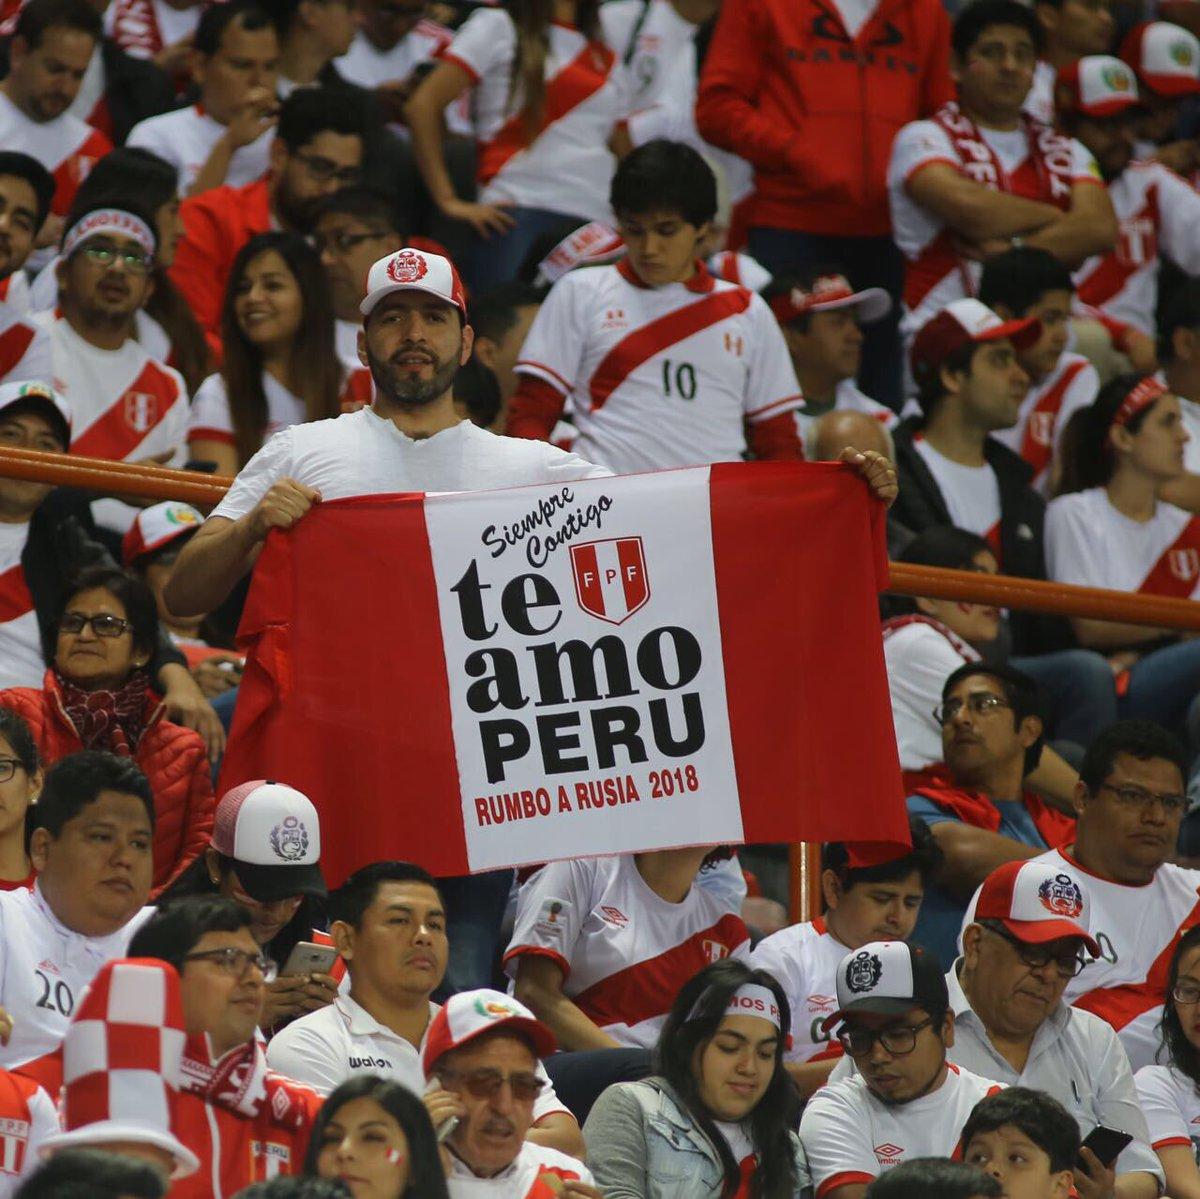 Inició el partido. ¡Vamos Perú!